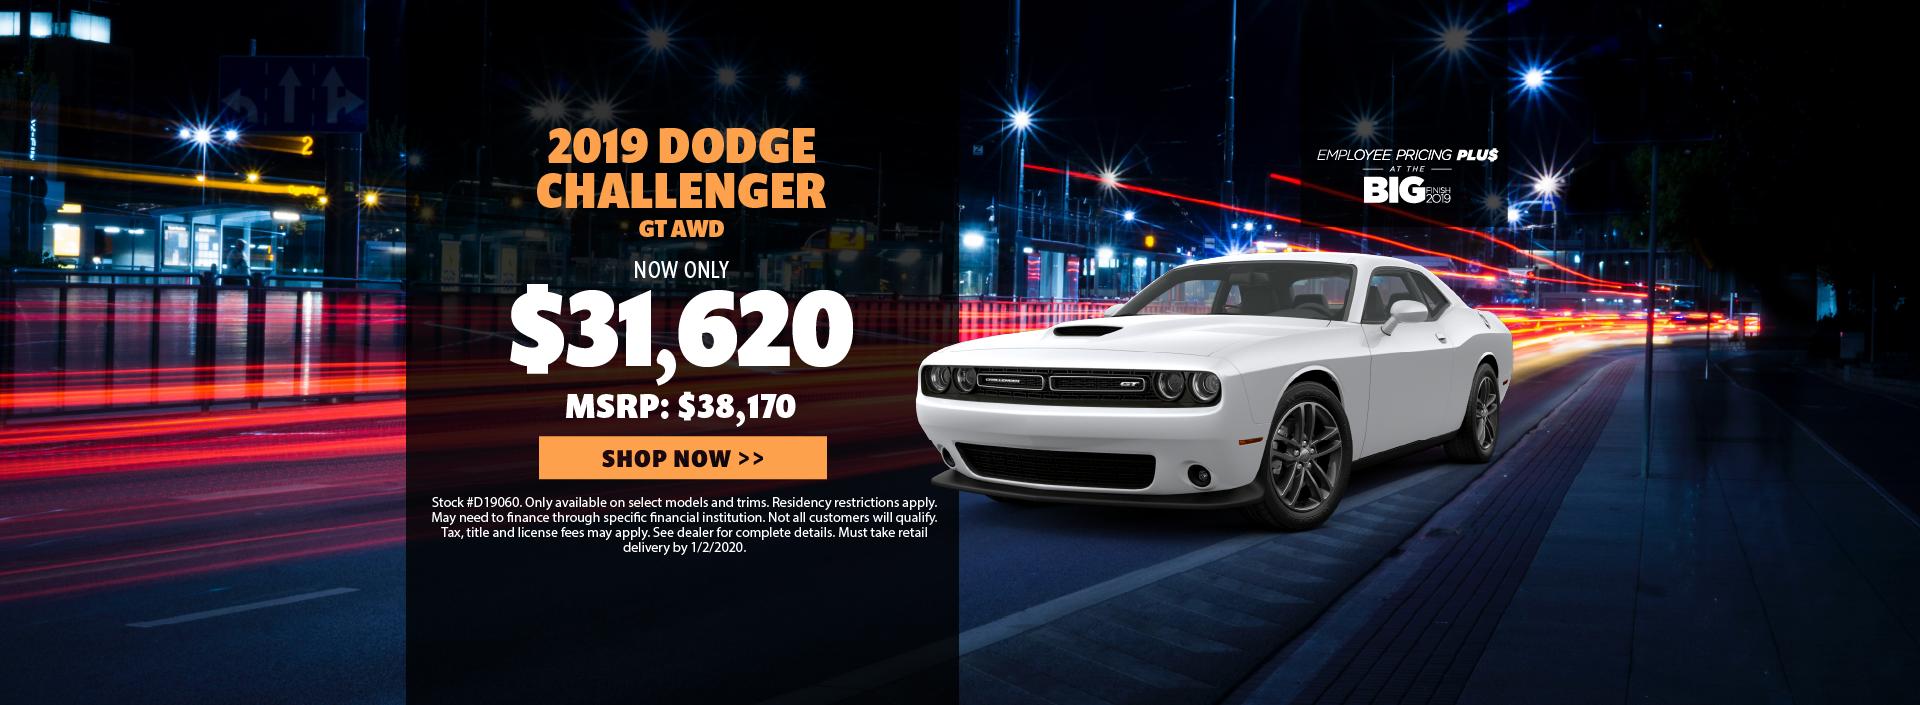 2019 Dodge Challenger Offer